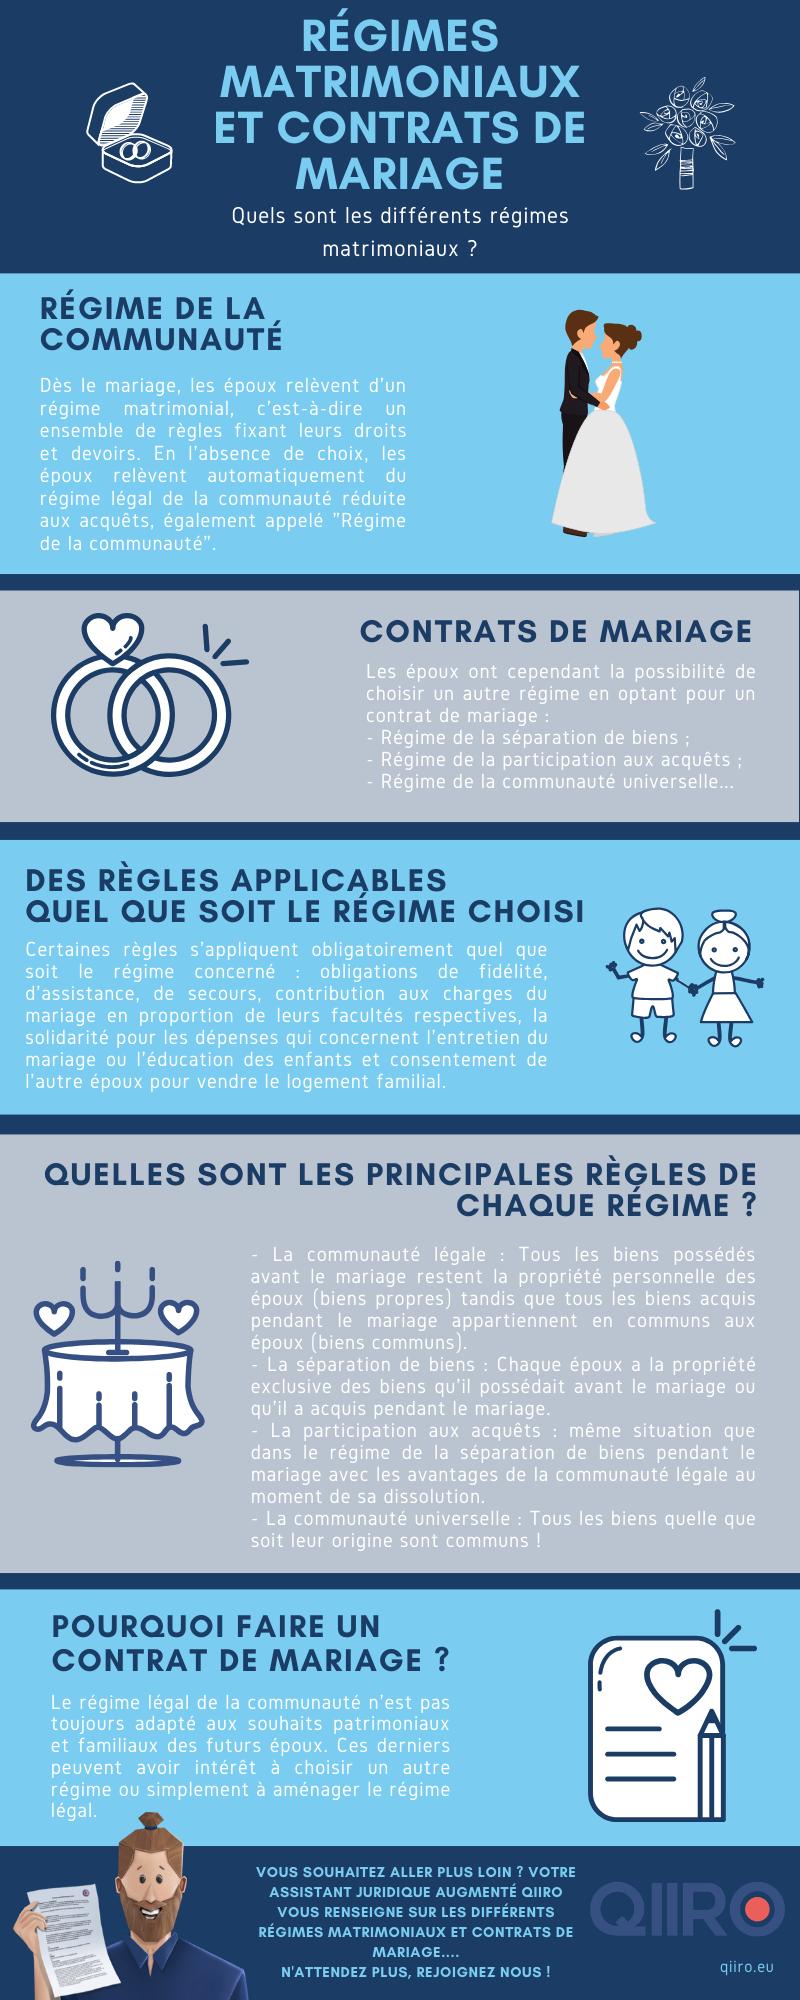 Les contrats de mariage et les régimes matrimoniaux